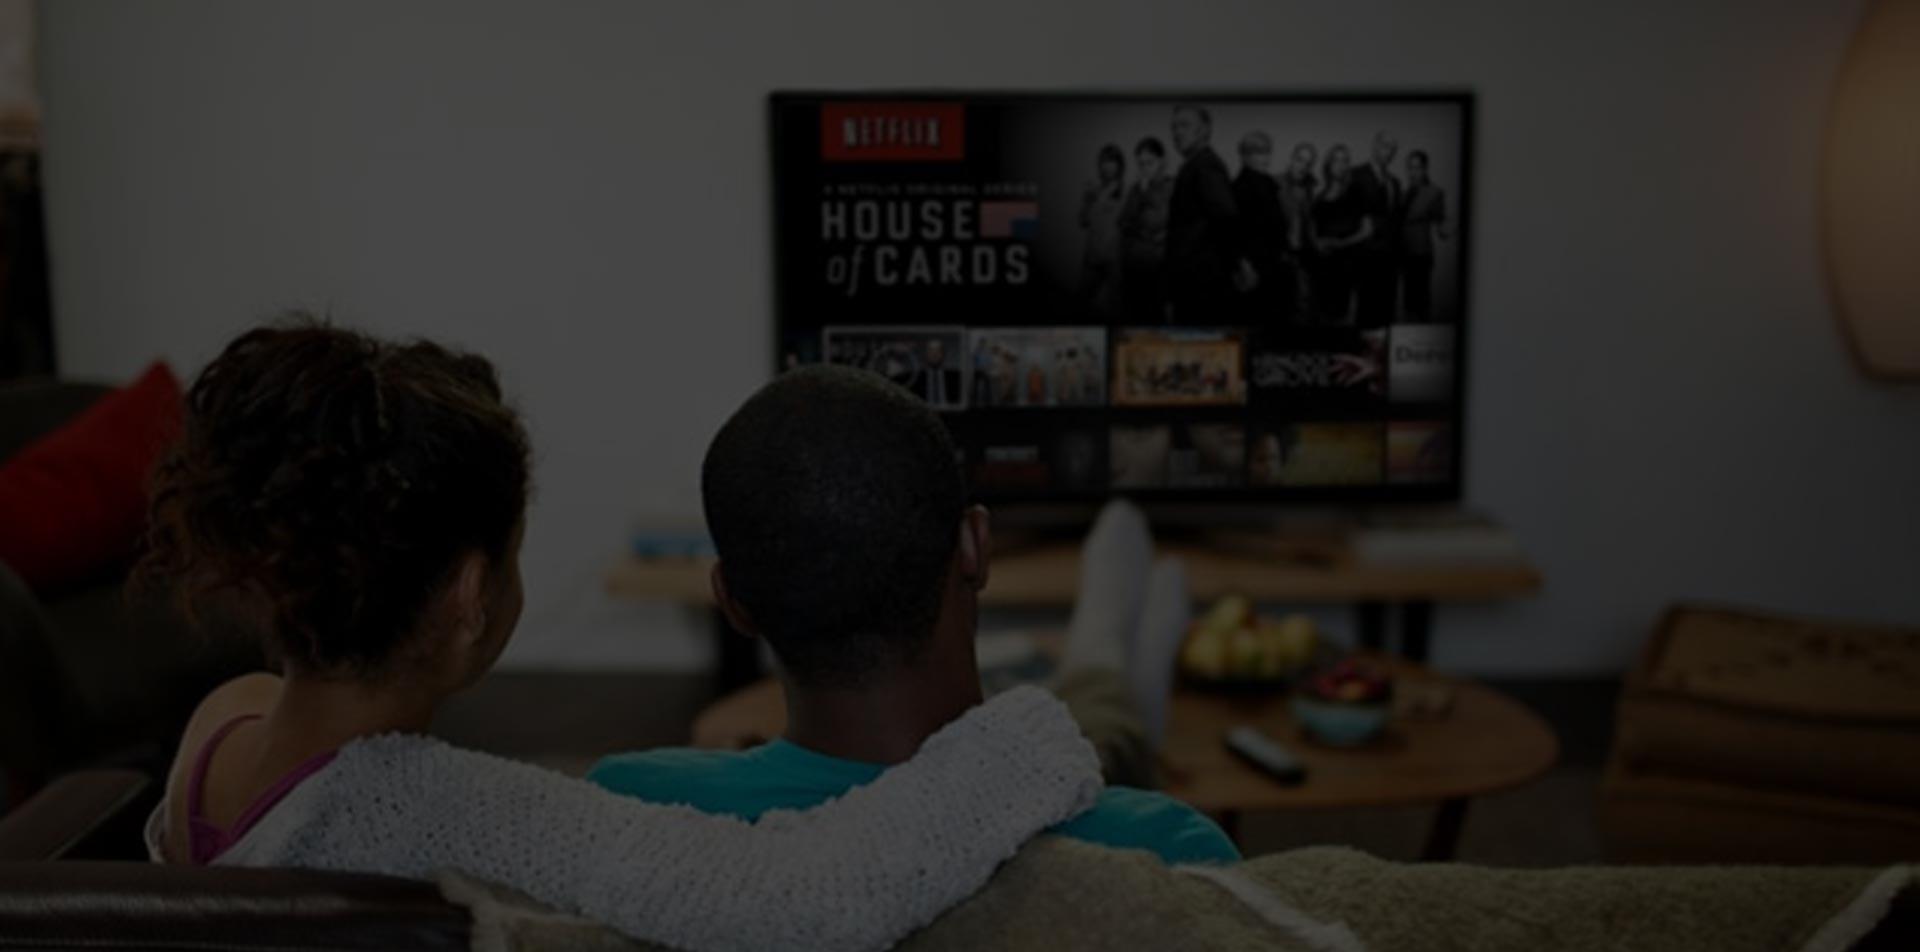 تعمیرات تلویزیون مارشال در منزل